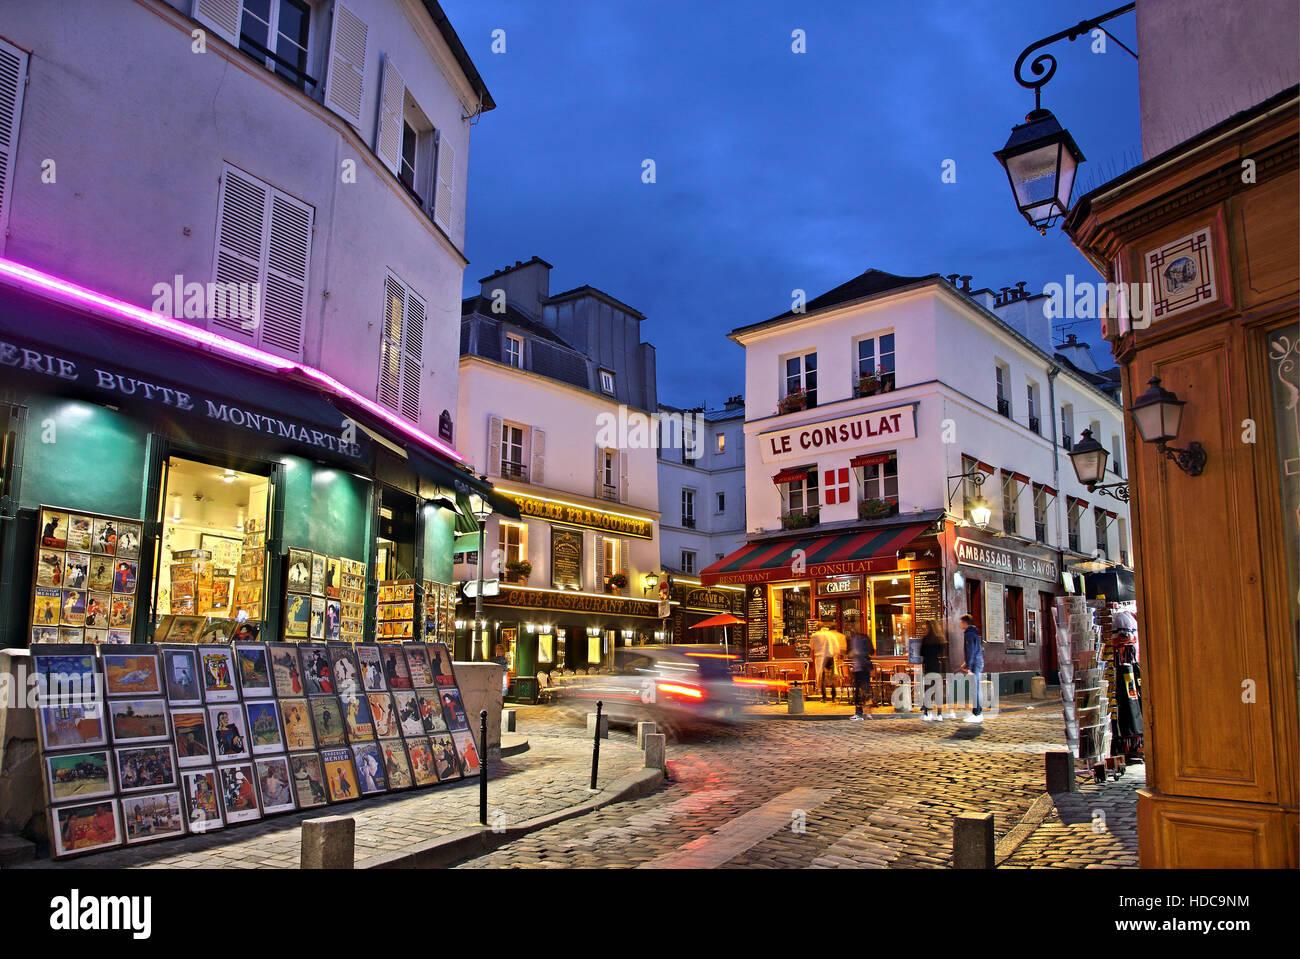 Wandern in den malerischen Gassen das Künstlerviertel Montmartre, Paris, Frankreich Stockbild